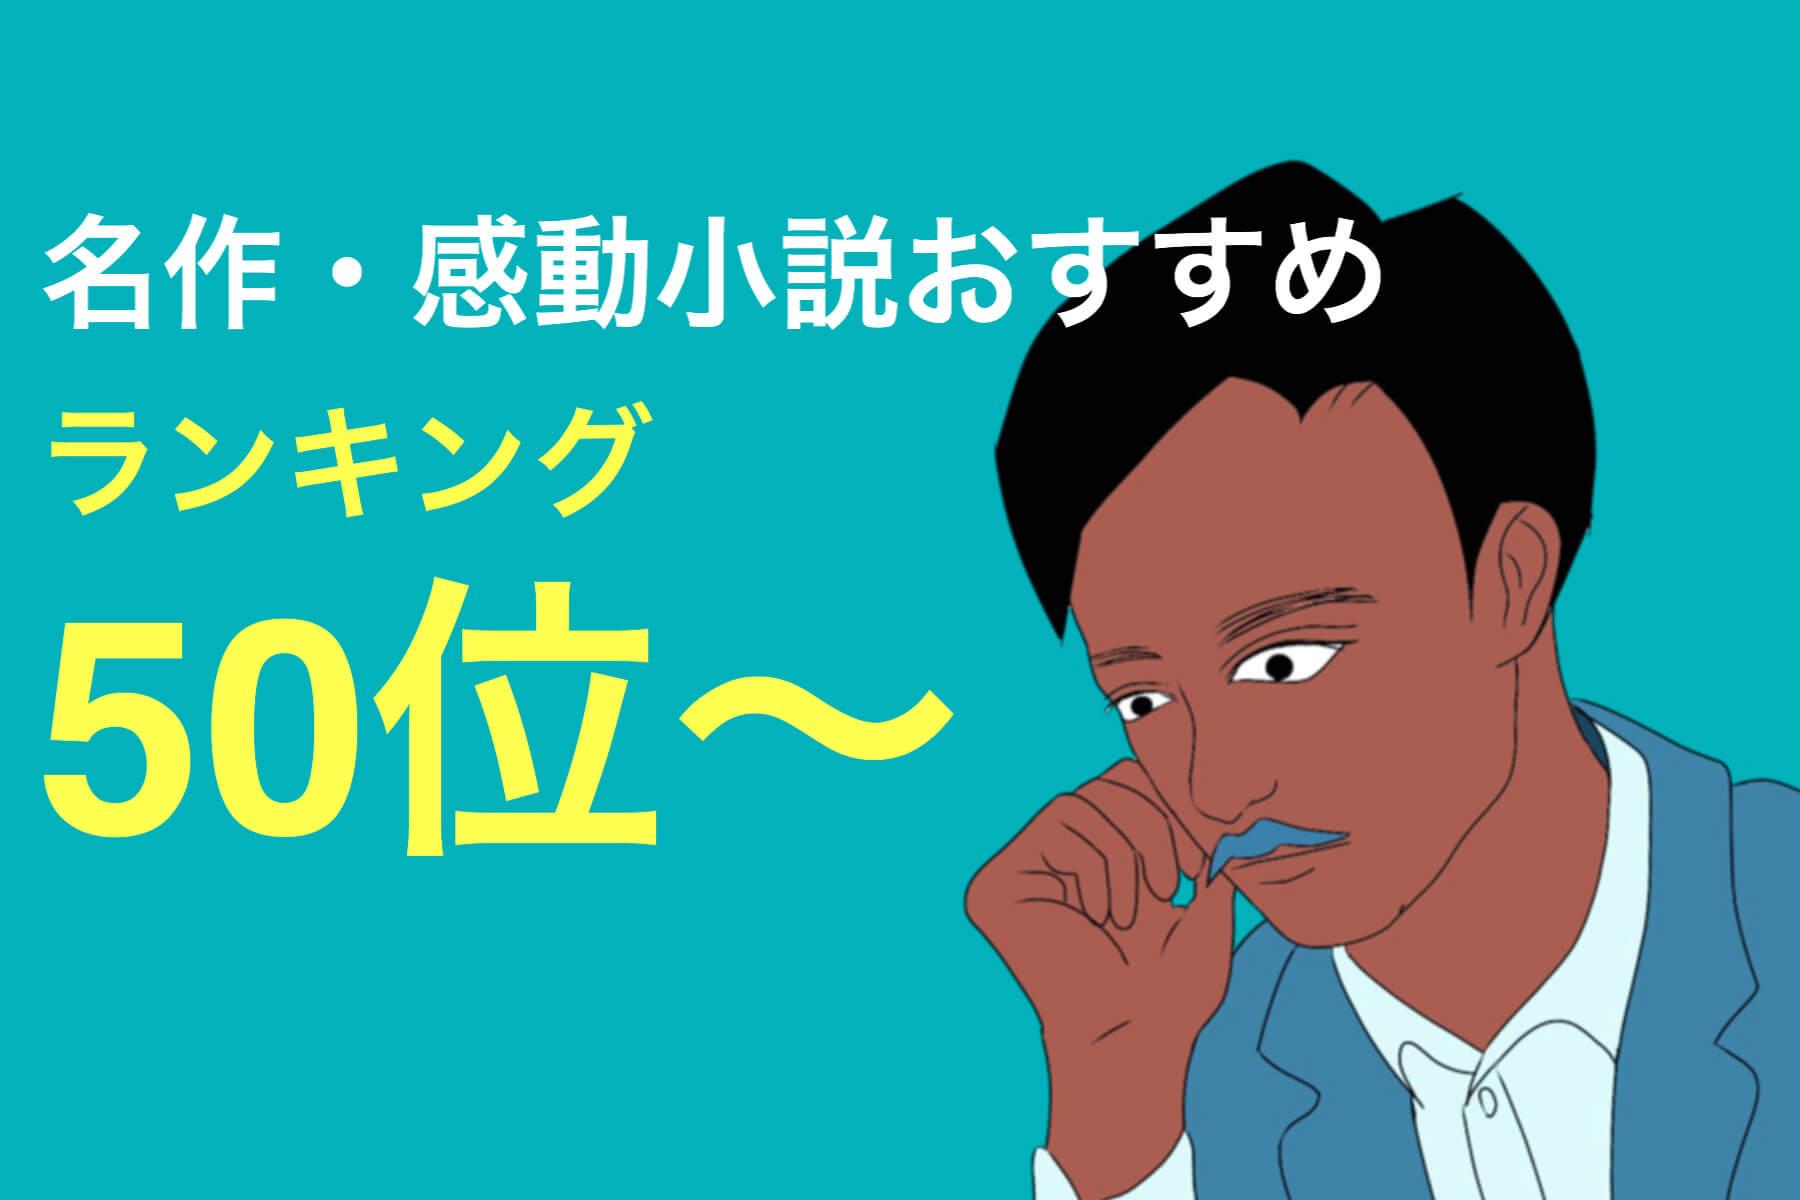 【純文学からライトノベルまで】人生を変える名作・感動小説おすすめランキング(ベスト50)